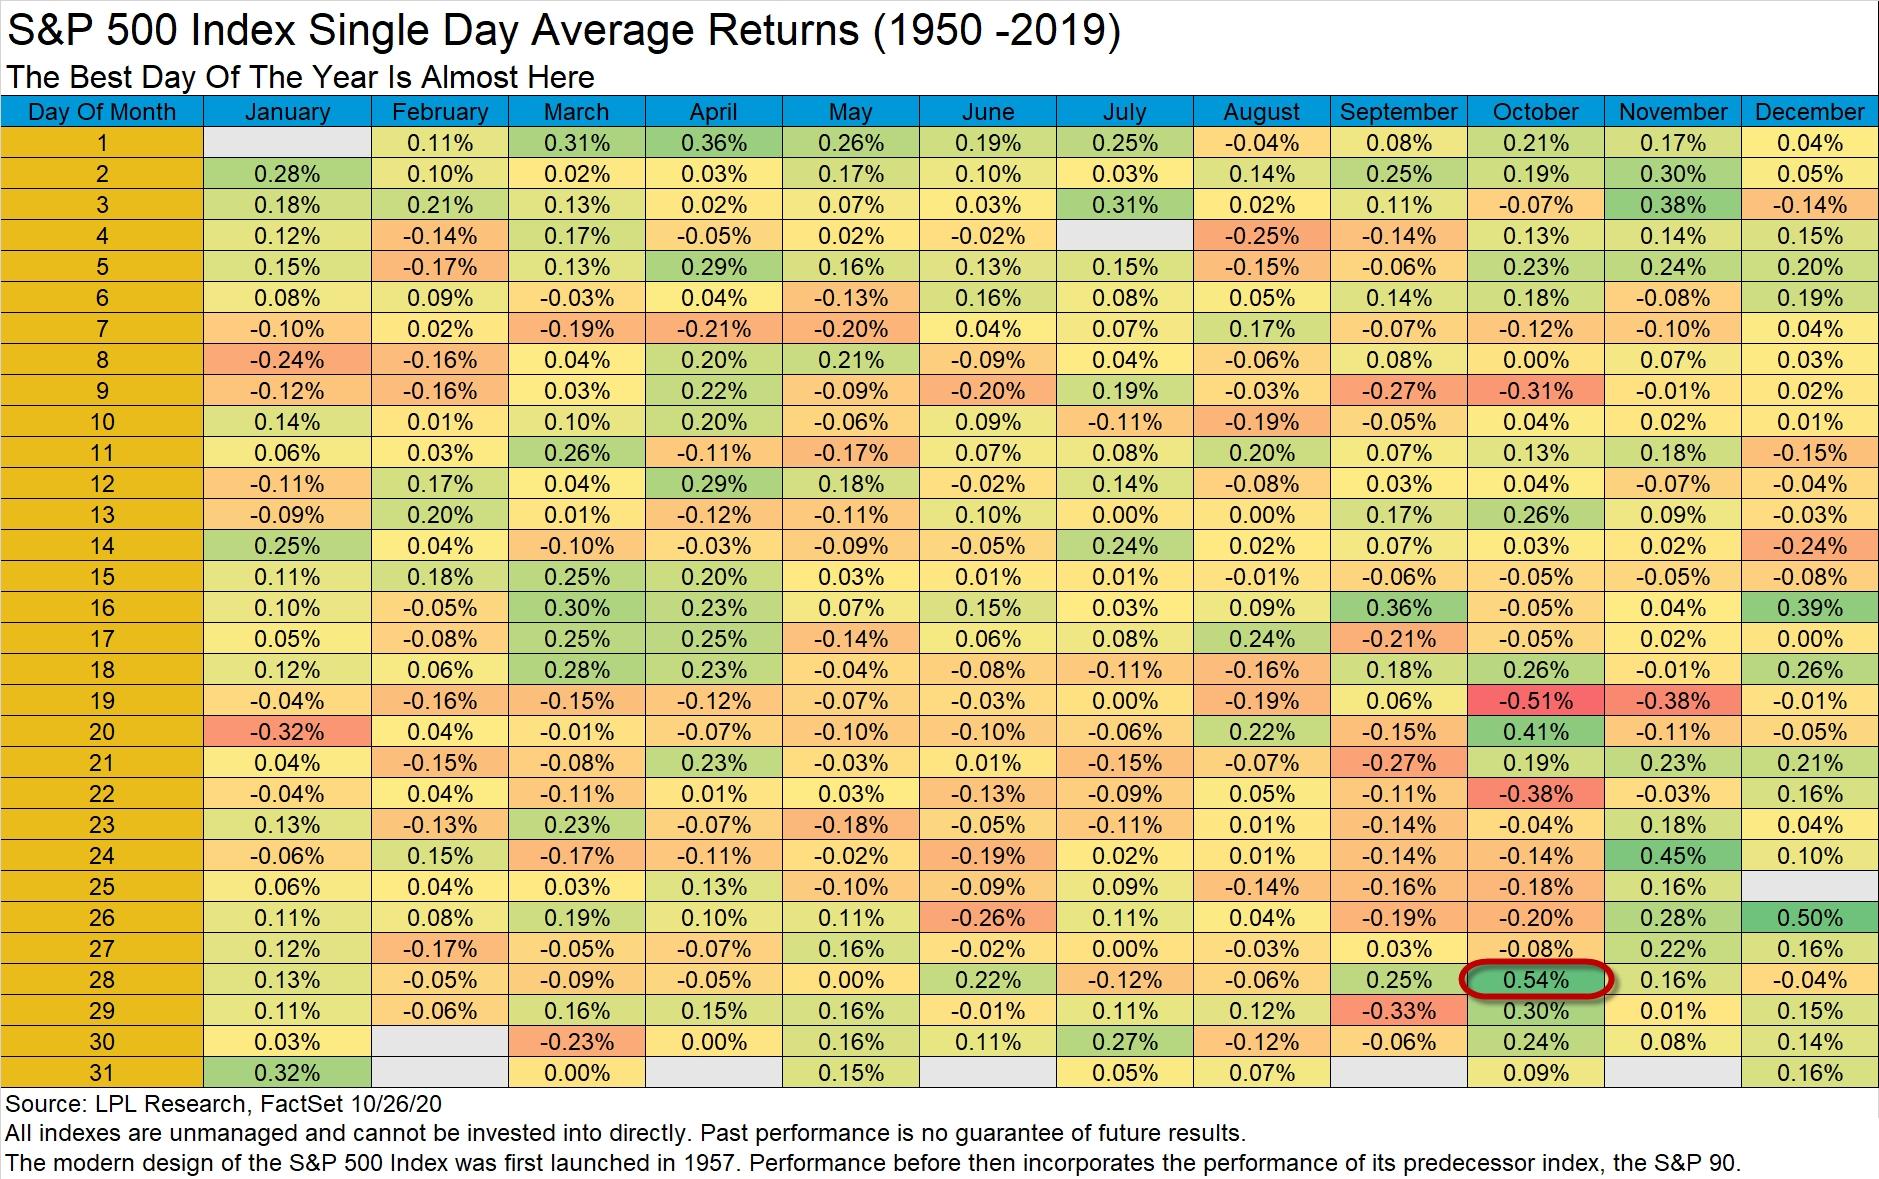 Pick What Week Is It In Finacial Year